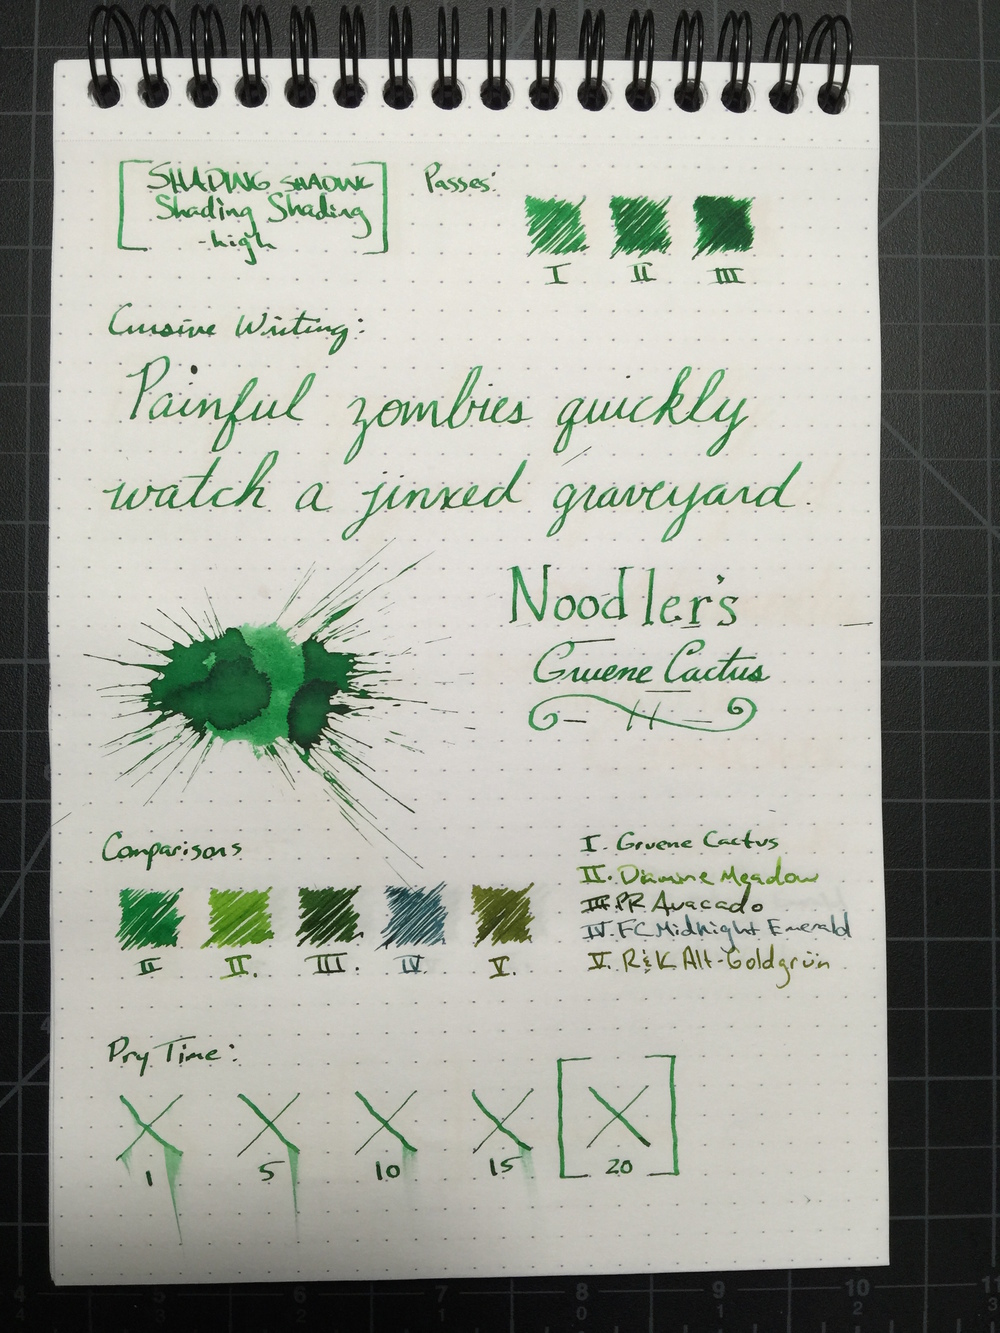 gruene-cactus-review